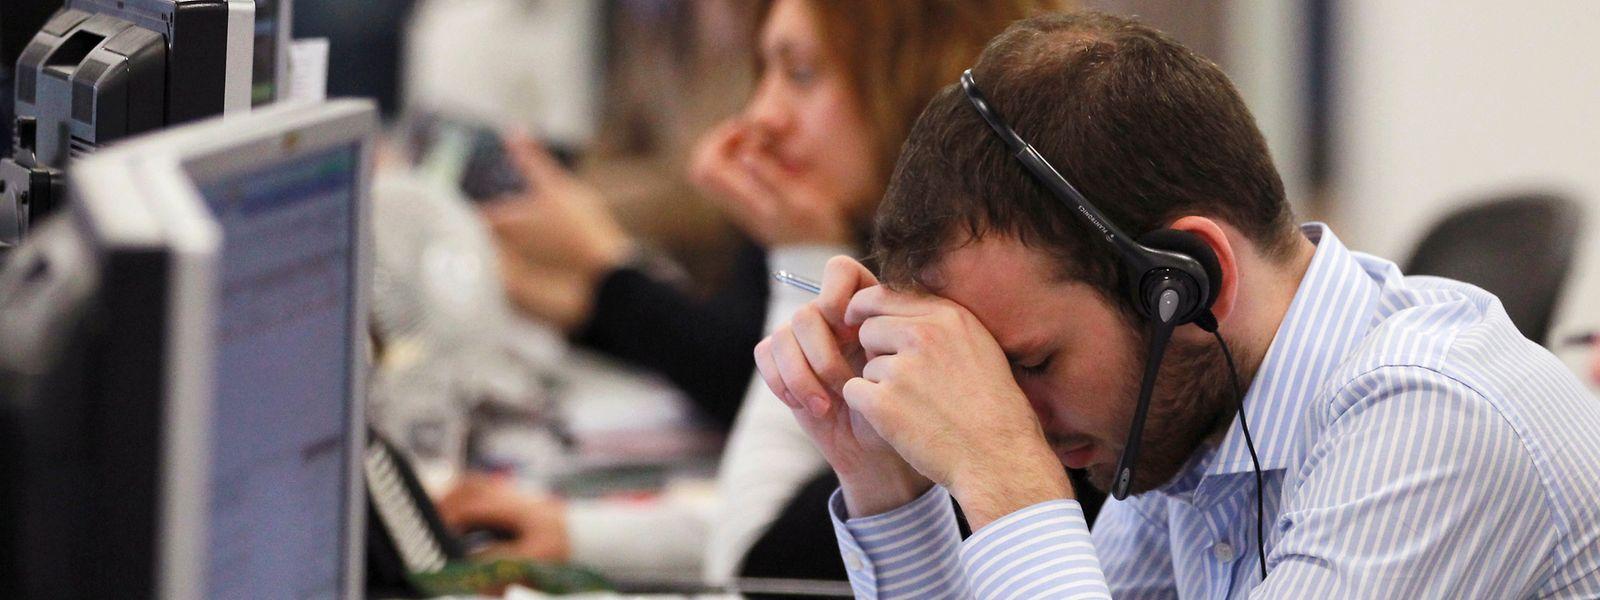 Pour la CNS comme Fapsylux, il y a urgence au vu des conséquences de la pandémie sur la santé mentale, notamment des salariés.